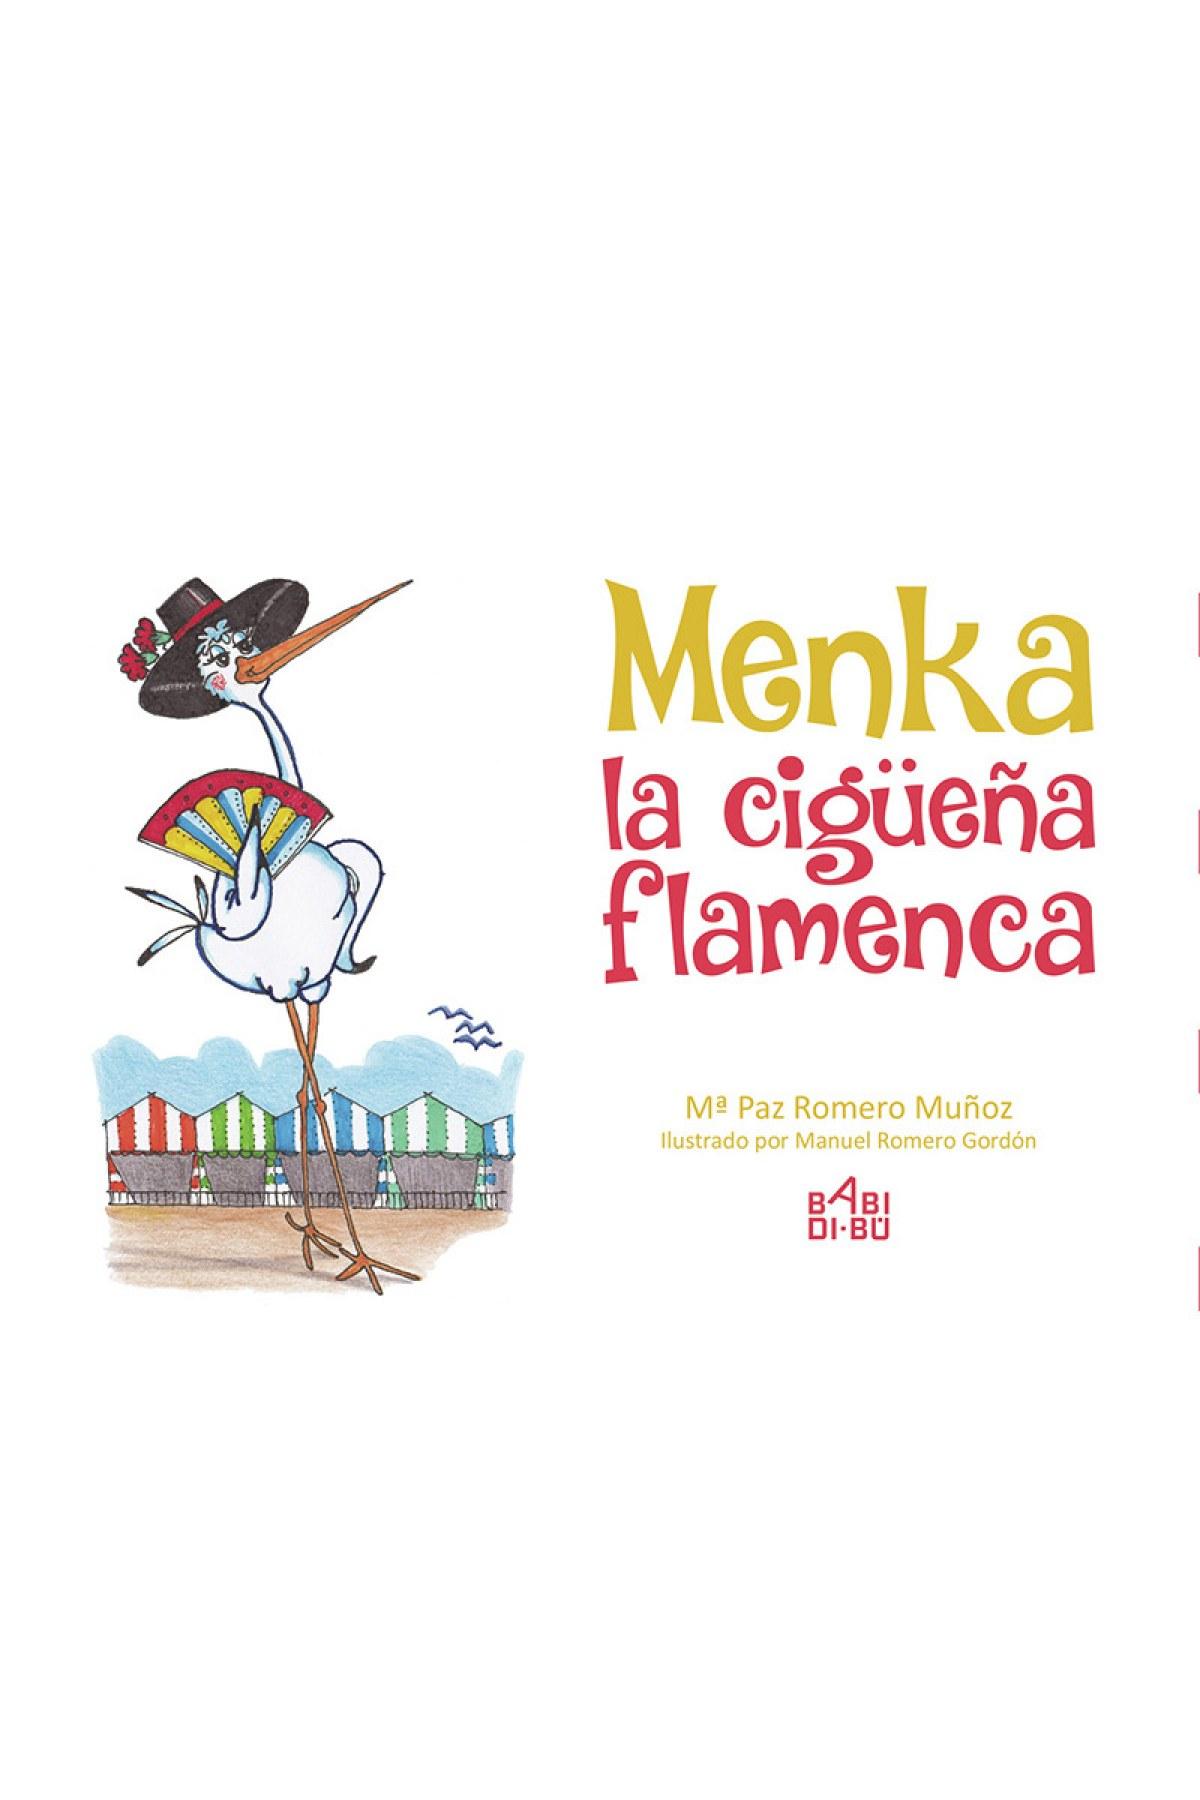 Menka, la cigüeña flamenca - Romero Muñoz Mª Paz